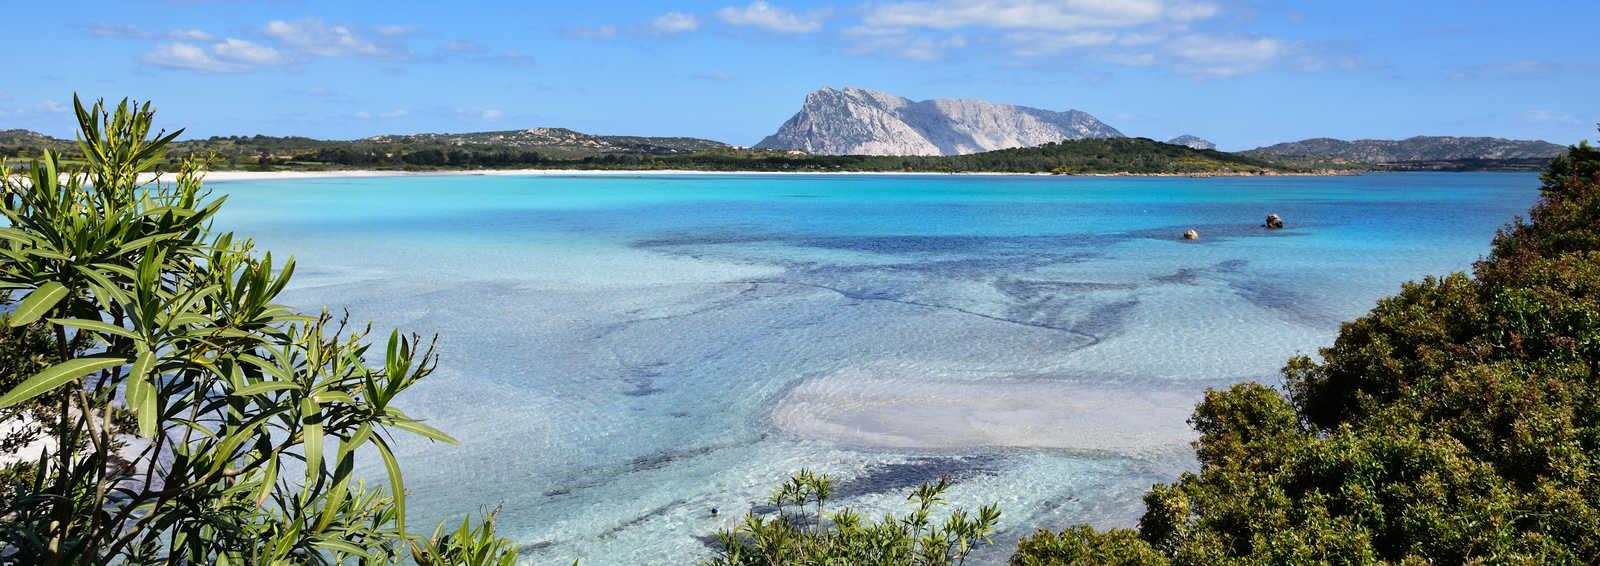 Sardinia, San Teodoro.